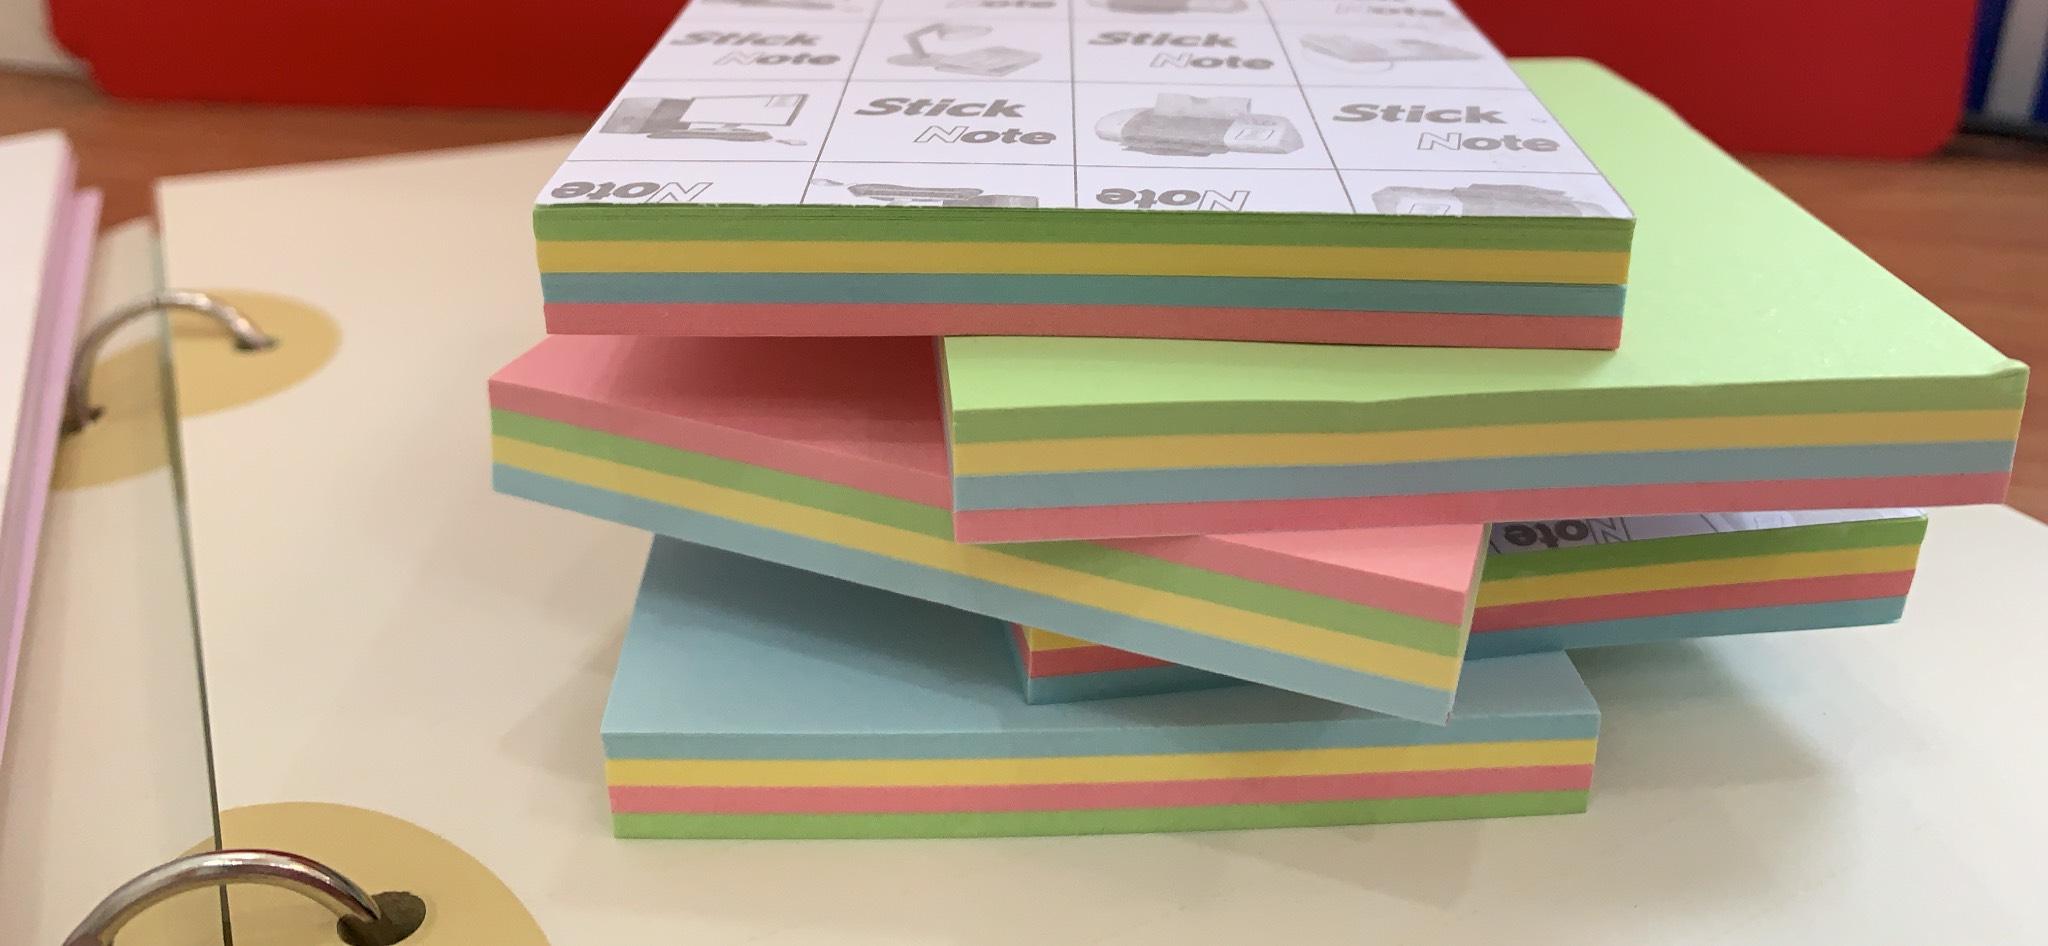 Giấy note 3x3 có keo 4 màu/xấp - Combo 5 xấp